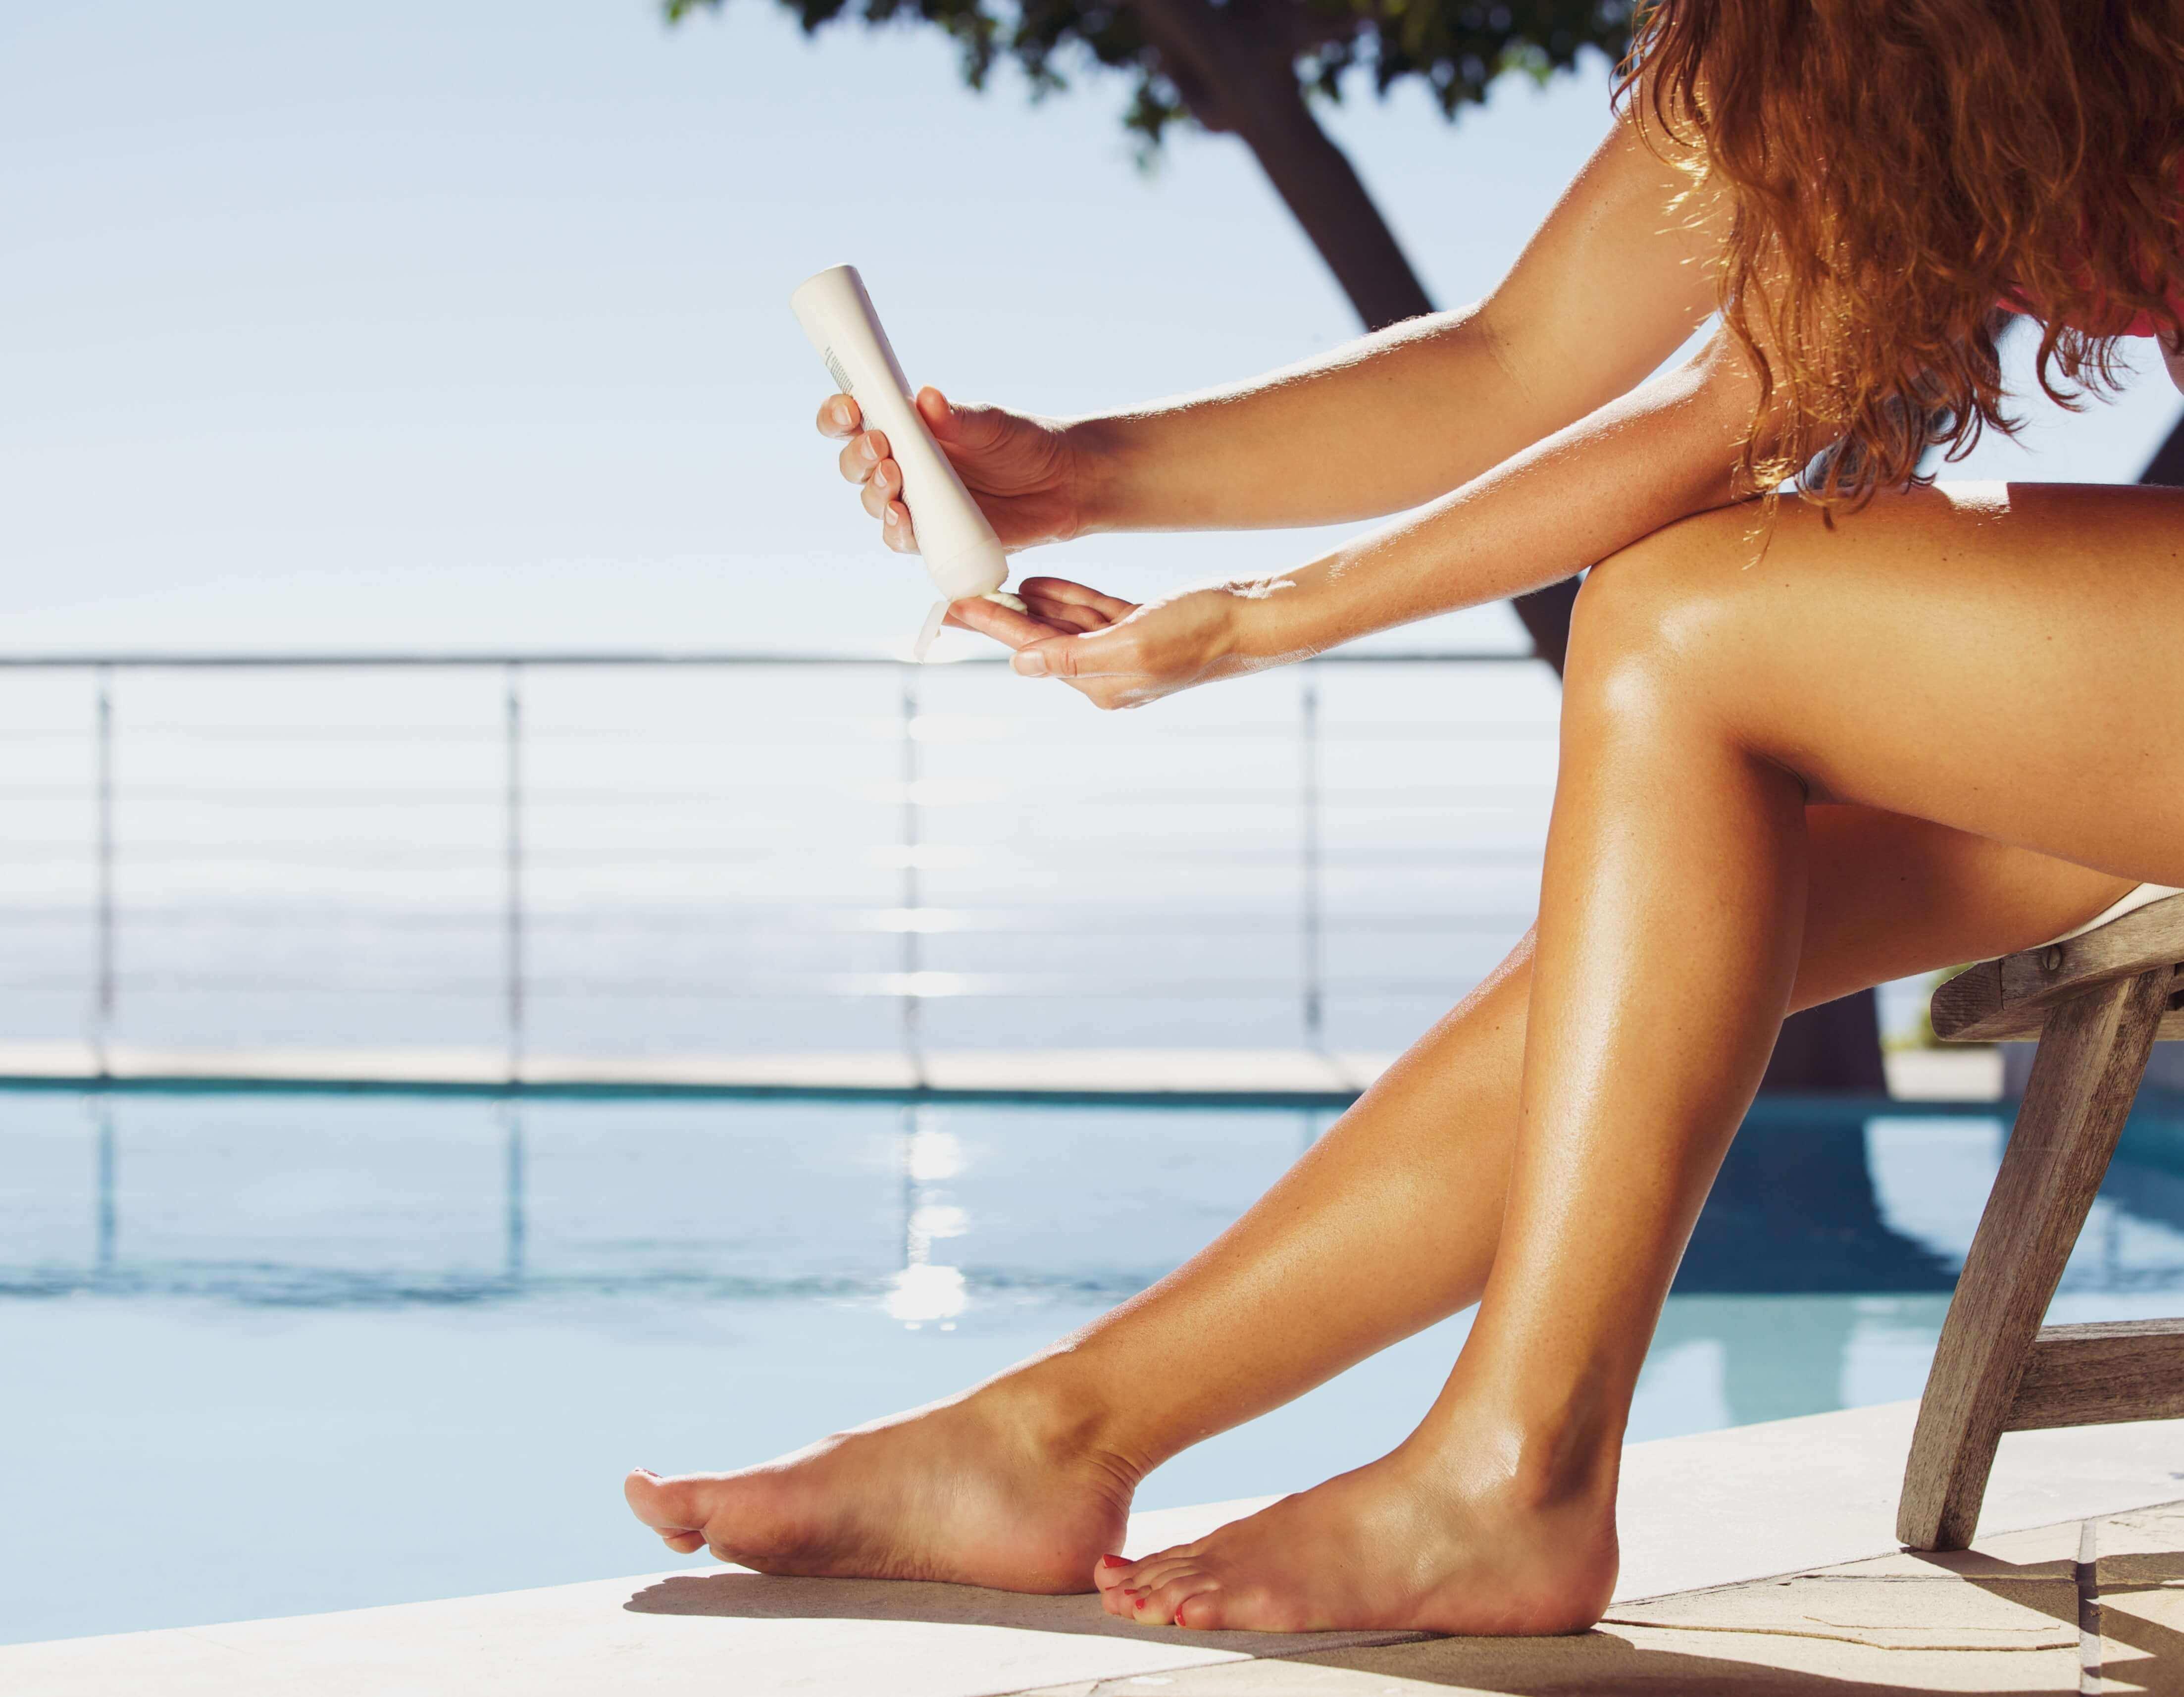 Utilizar protetor solar é uma ótima forma de proteger contra o câncer de pele.